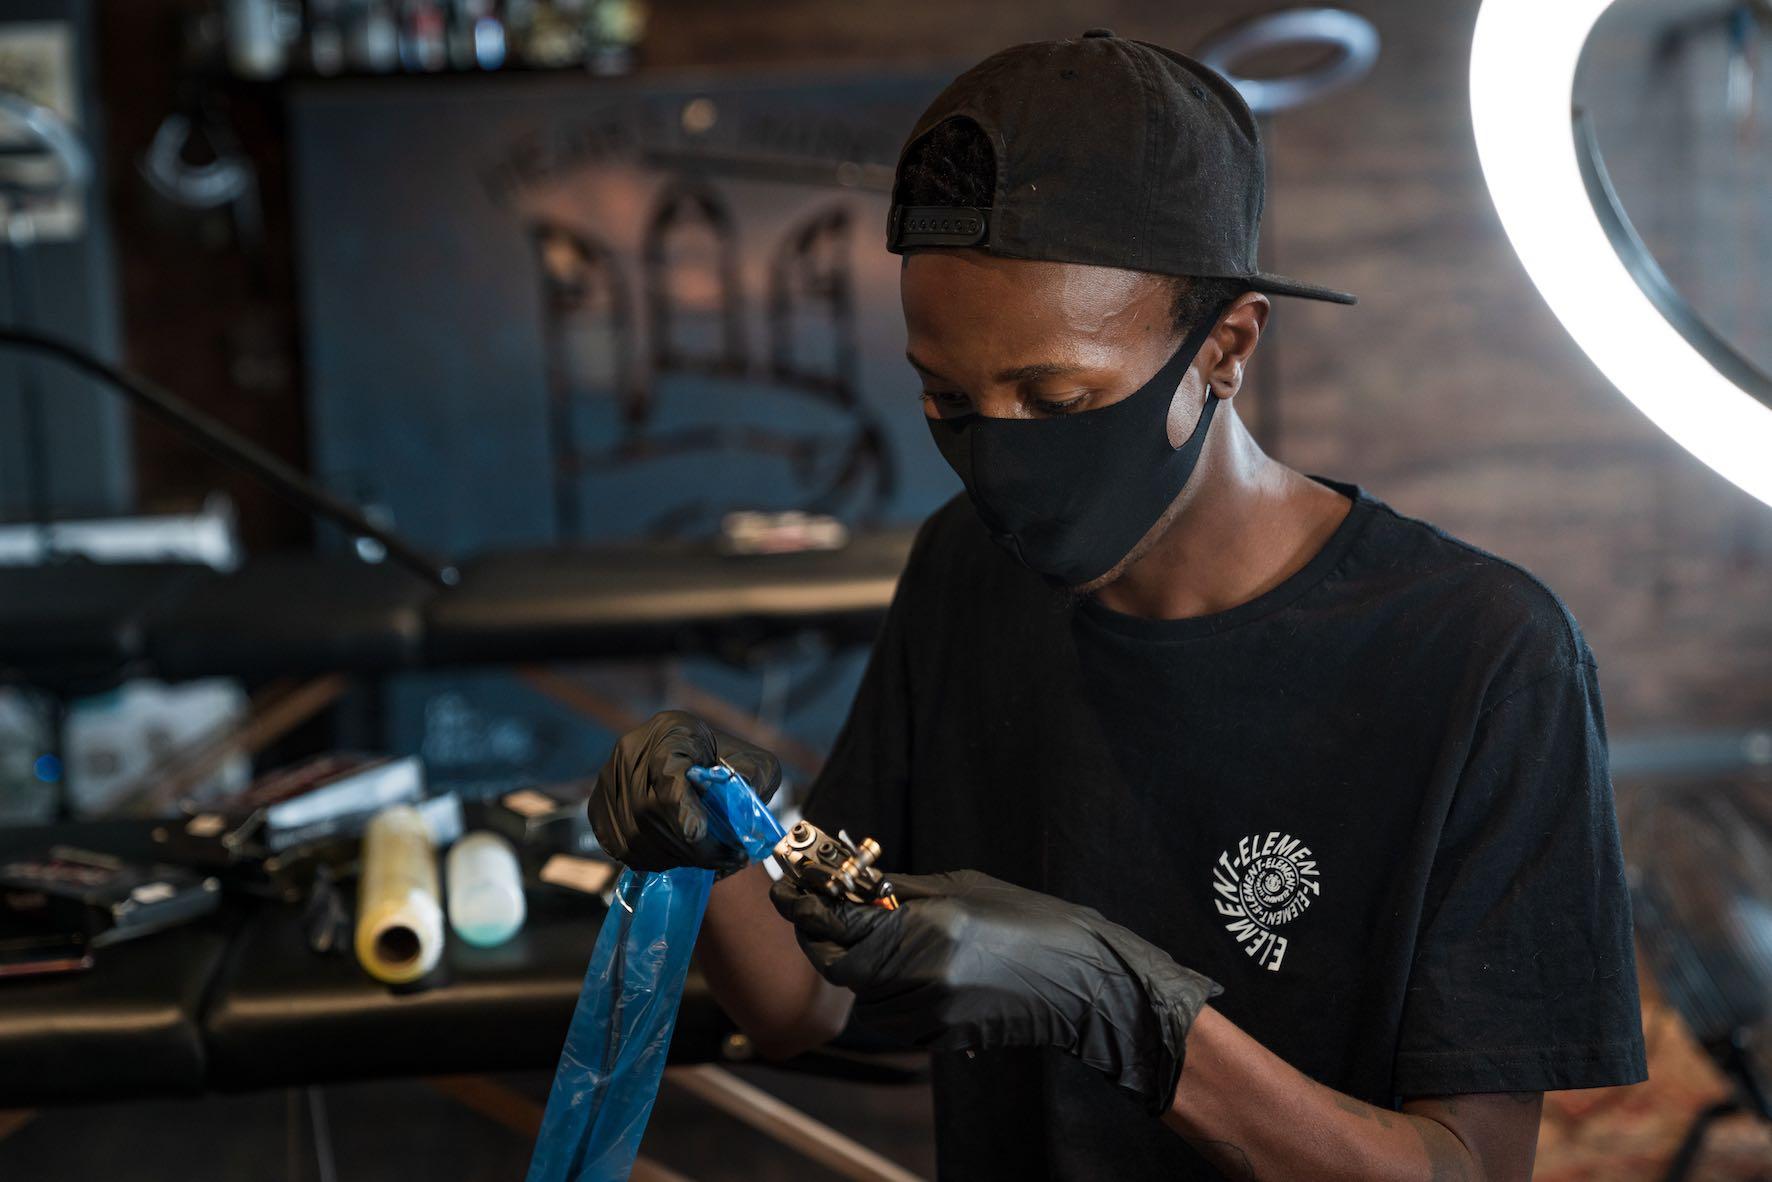 We talk tattoos with Tattoo Artist Katz Mokoena